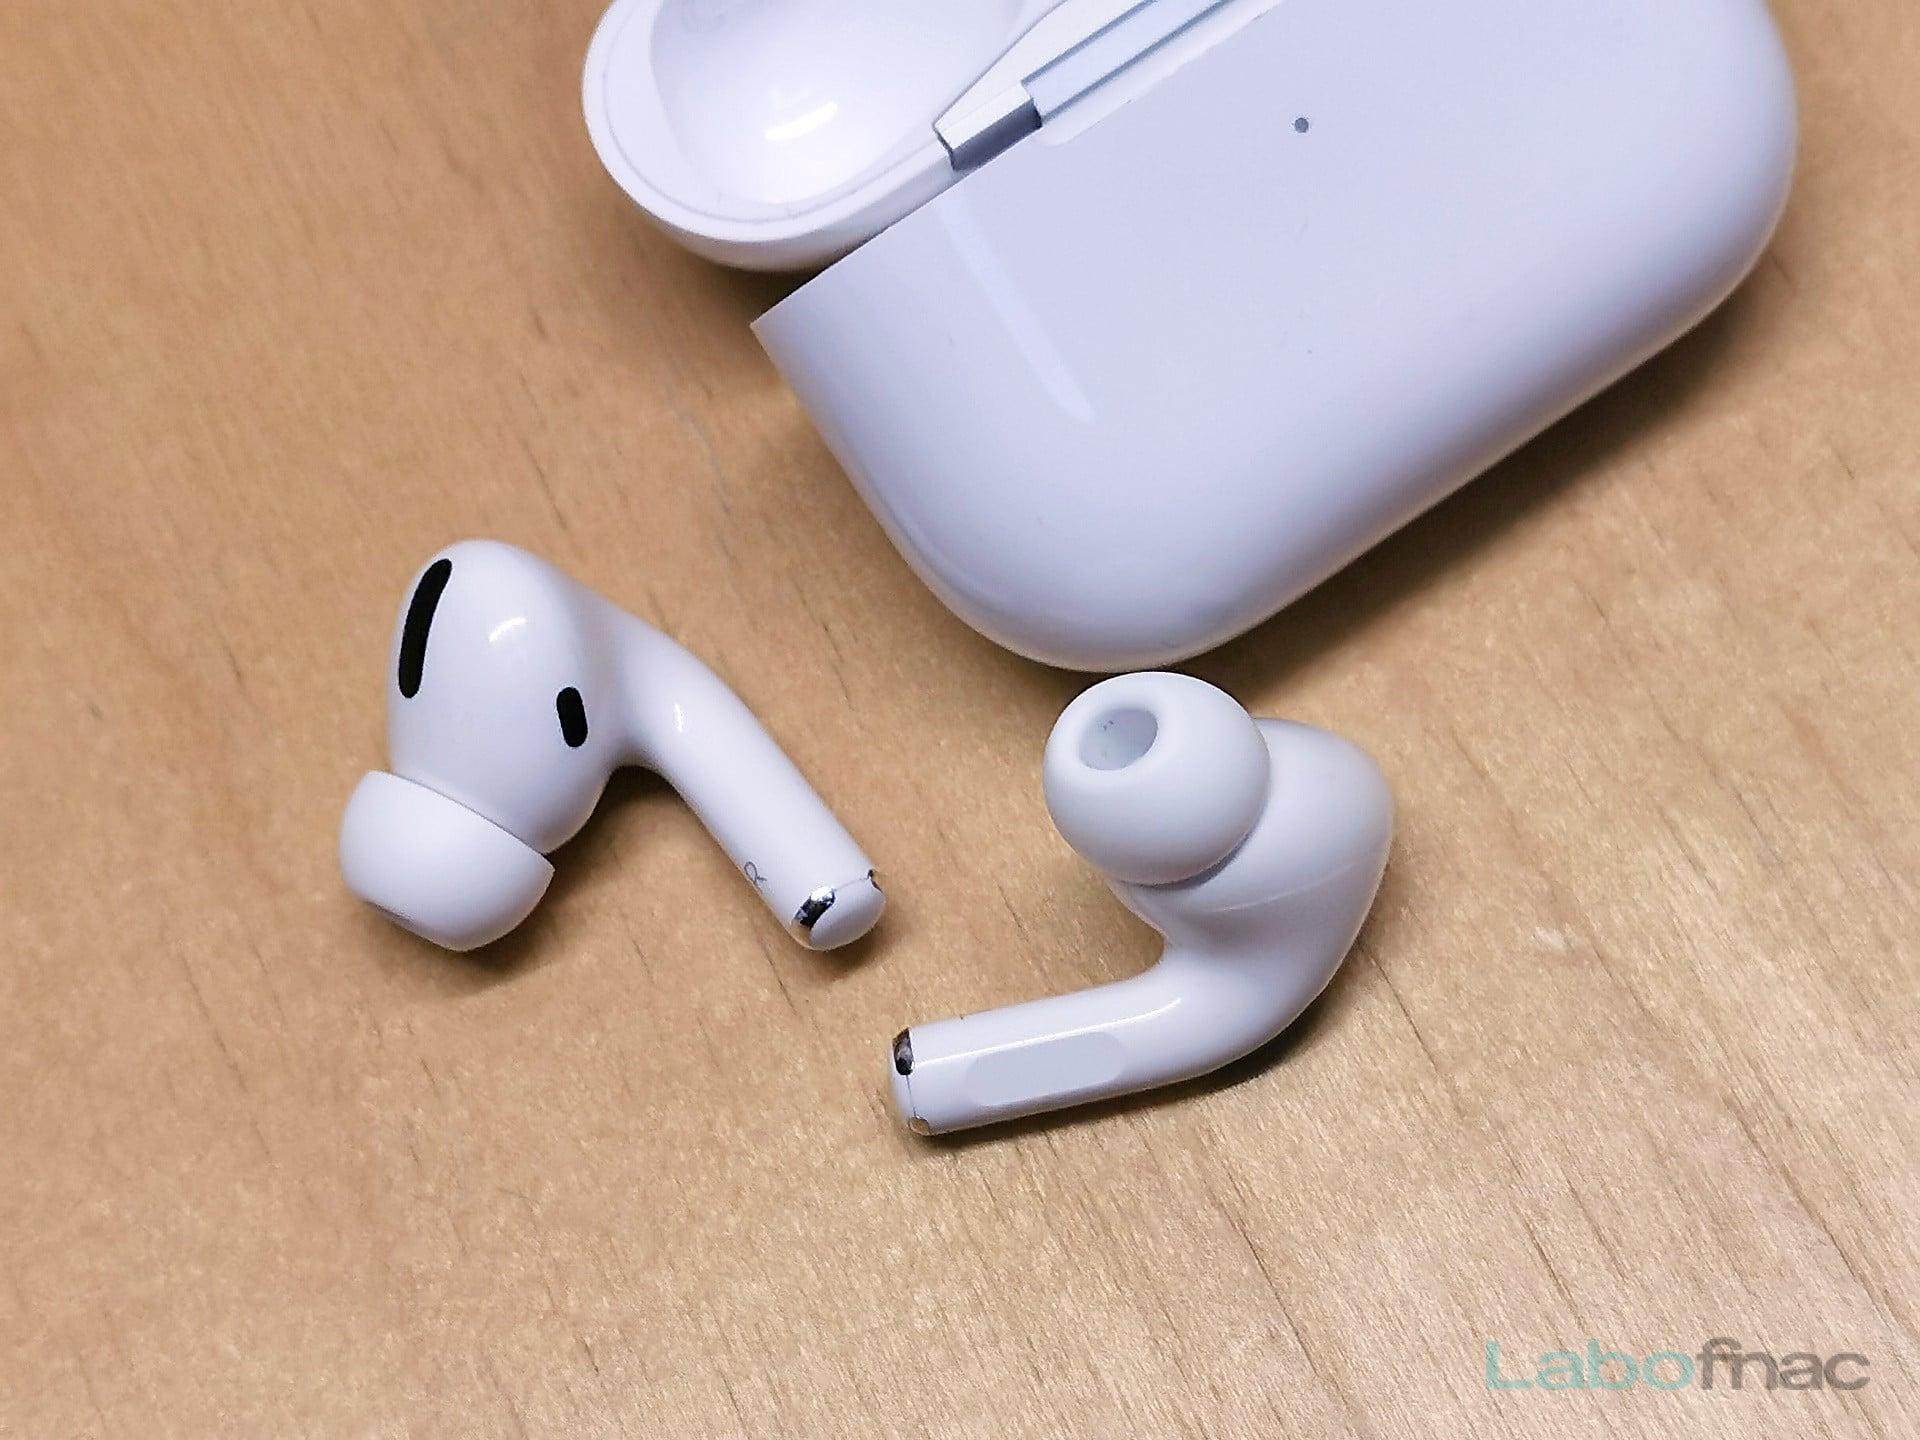 Test des Apple AirPods Pro : la réduction de bruit leur réussit